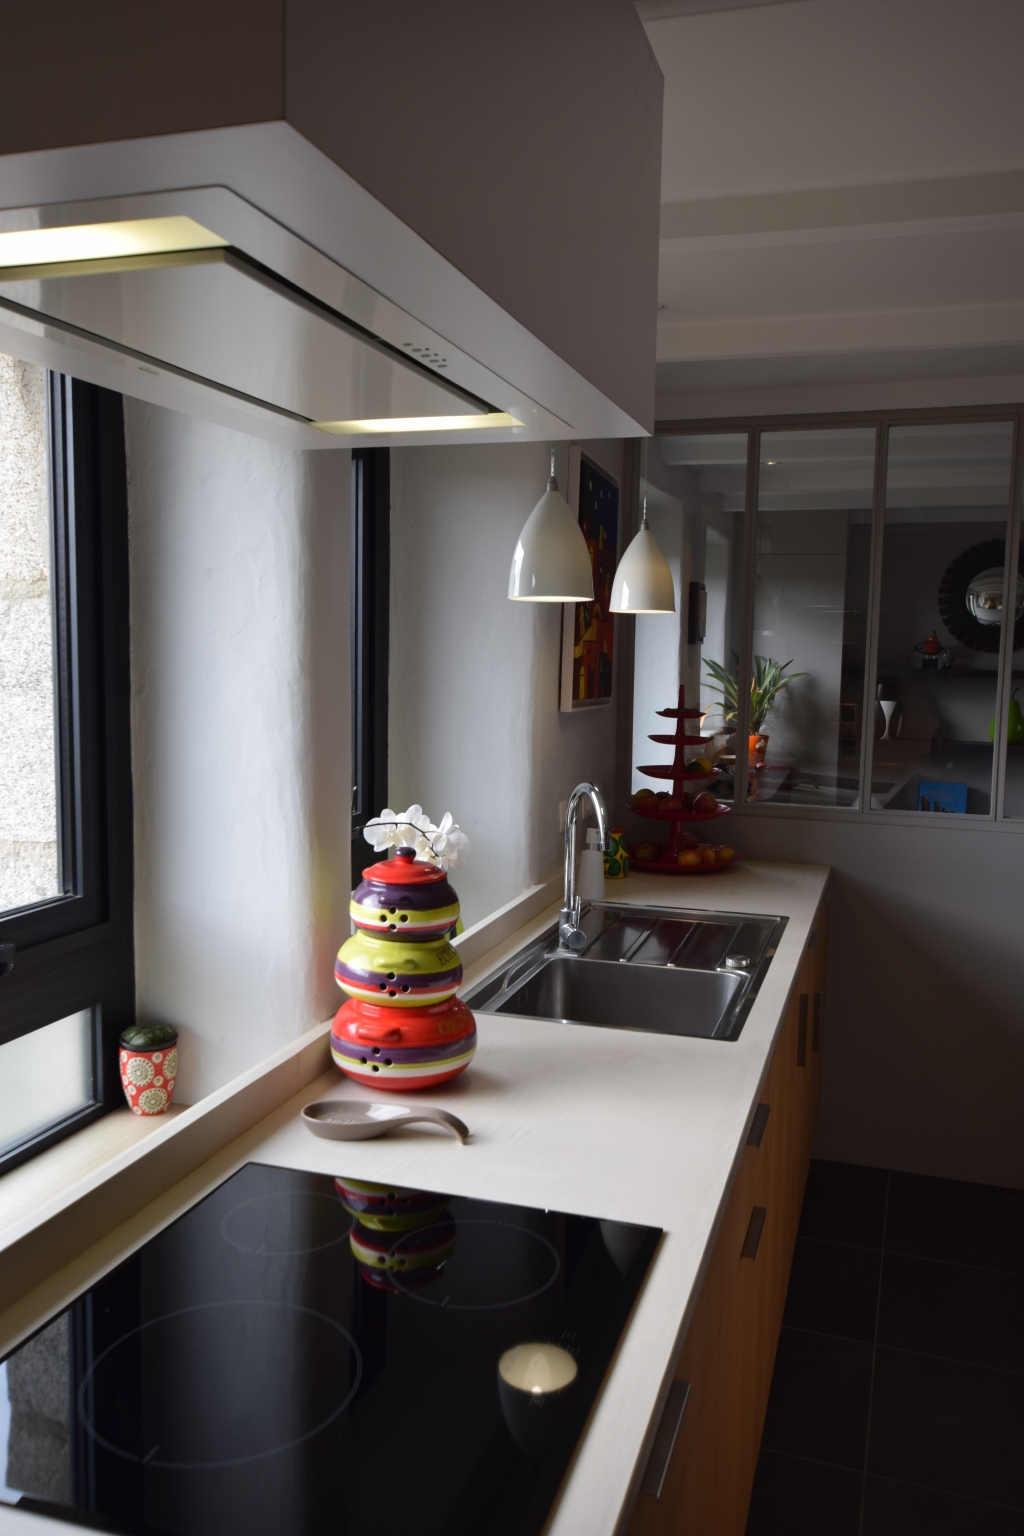 conception fabrication installation de cuisines design sur mesure à brest le-conquet dans le finistère